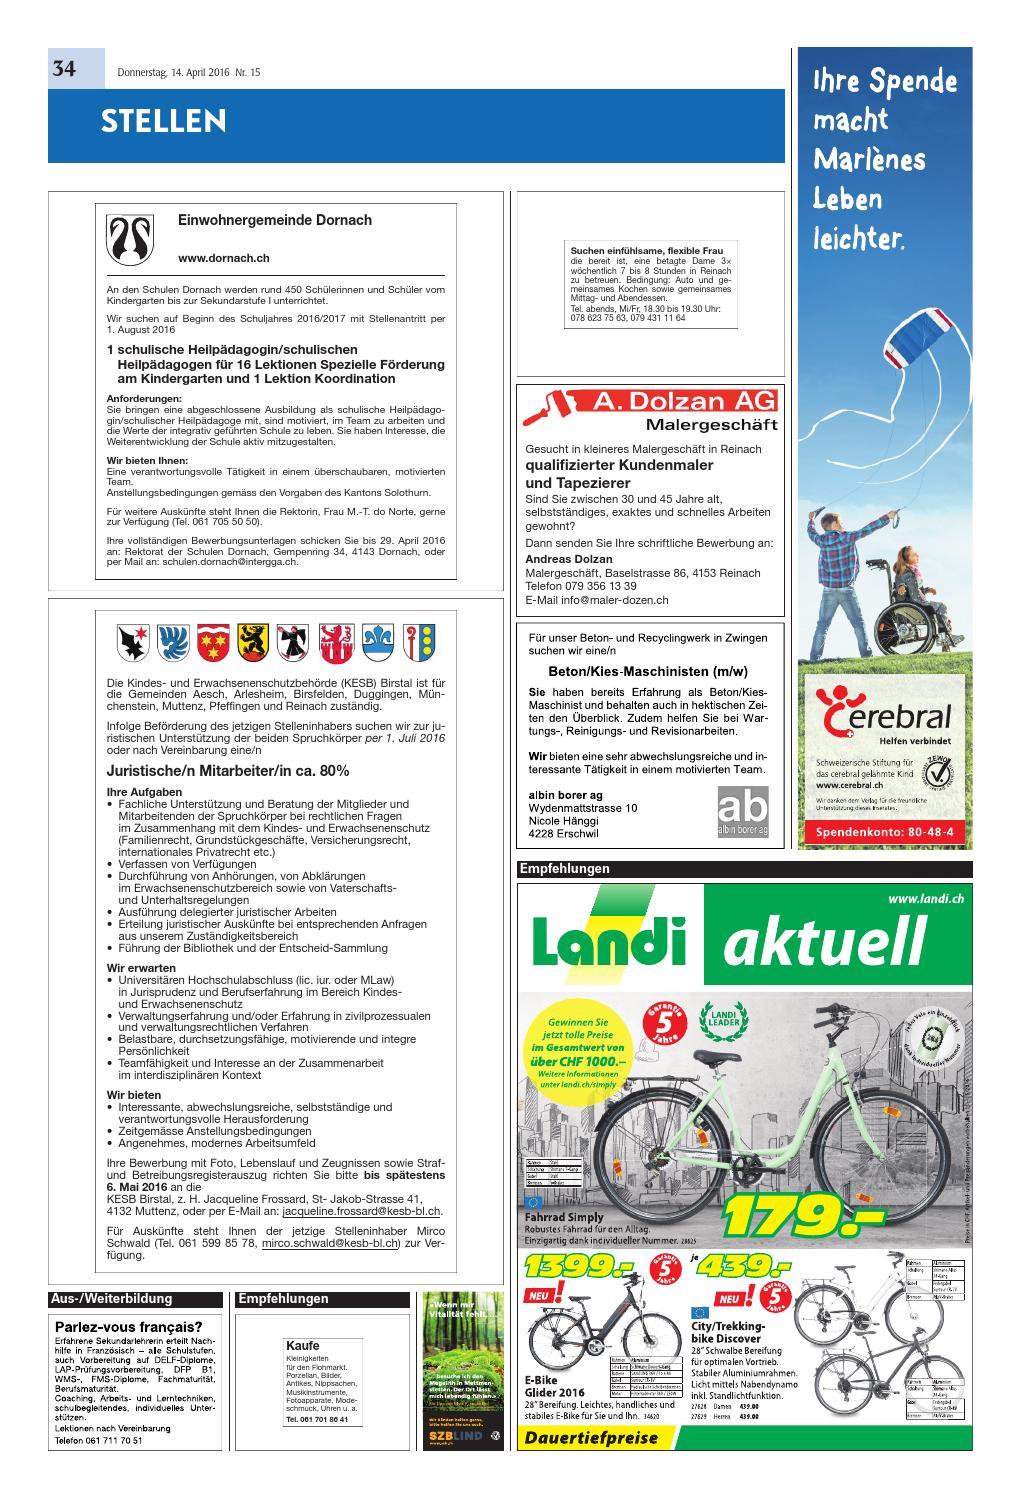 Groß Lebenslauf Maschinist Fotos - Entry Level Resume Vorlagen ...